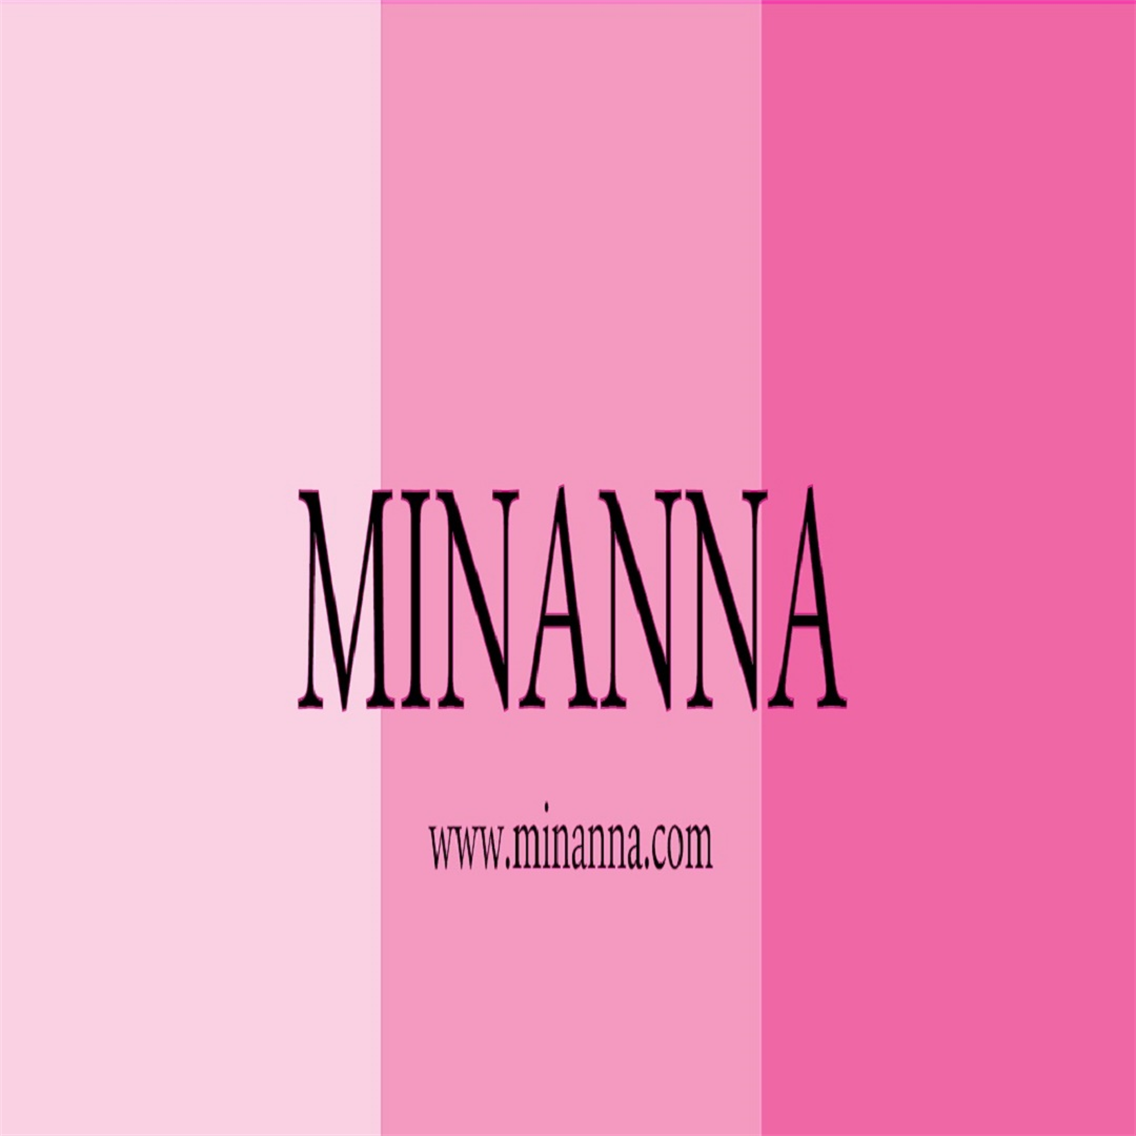 Minanna